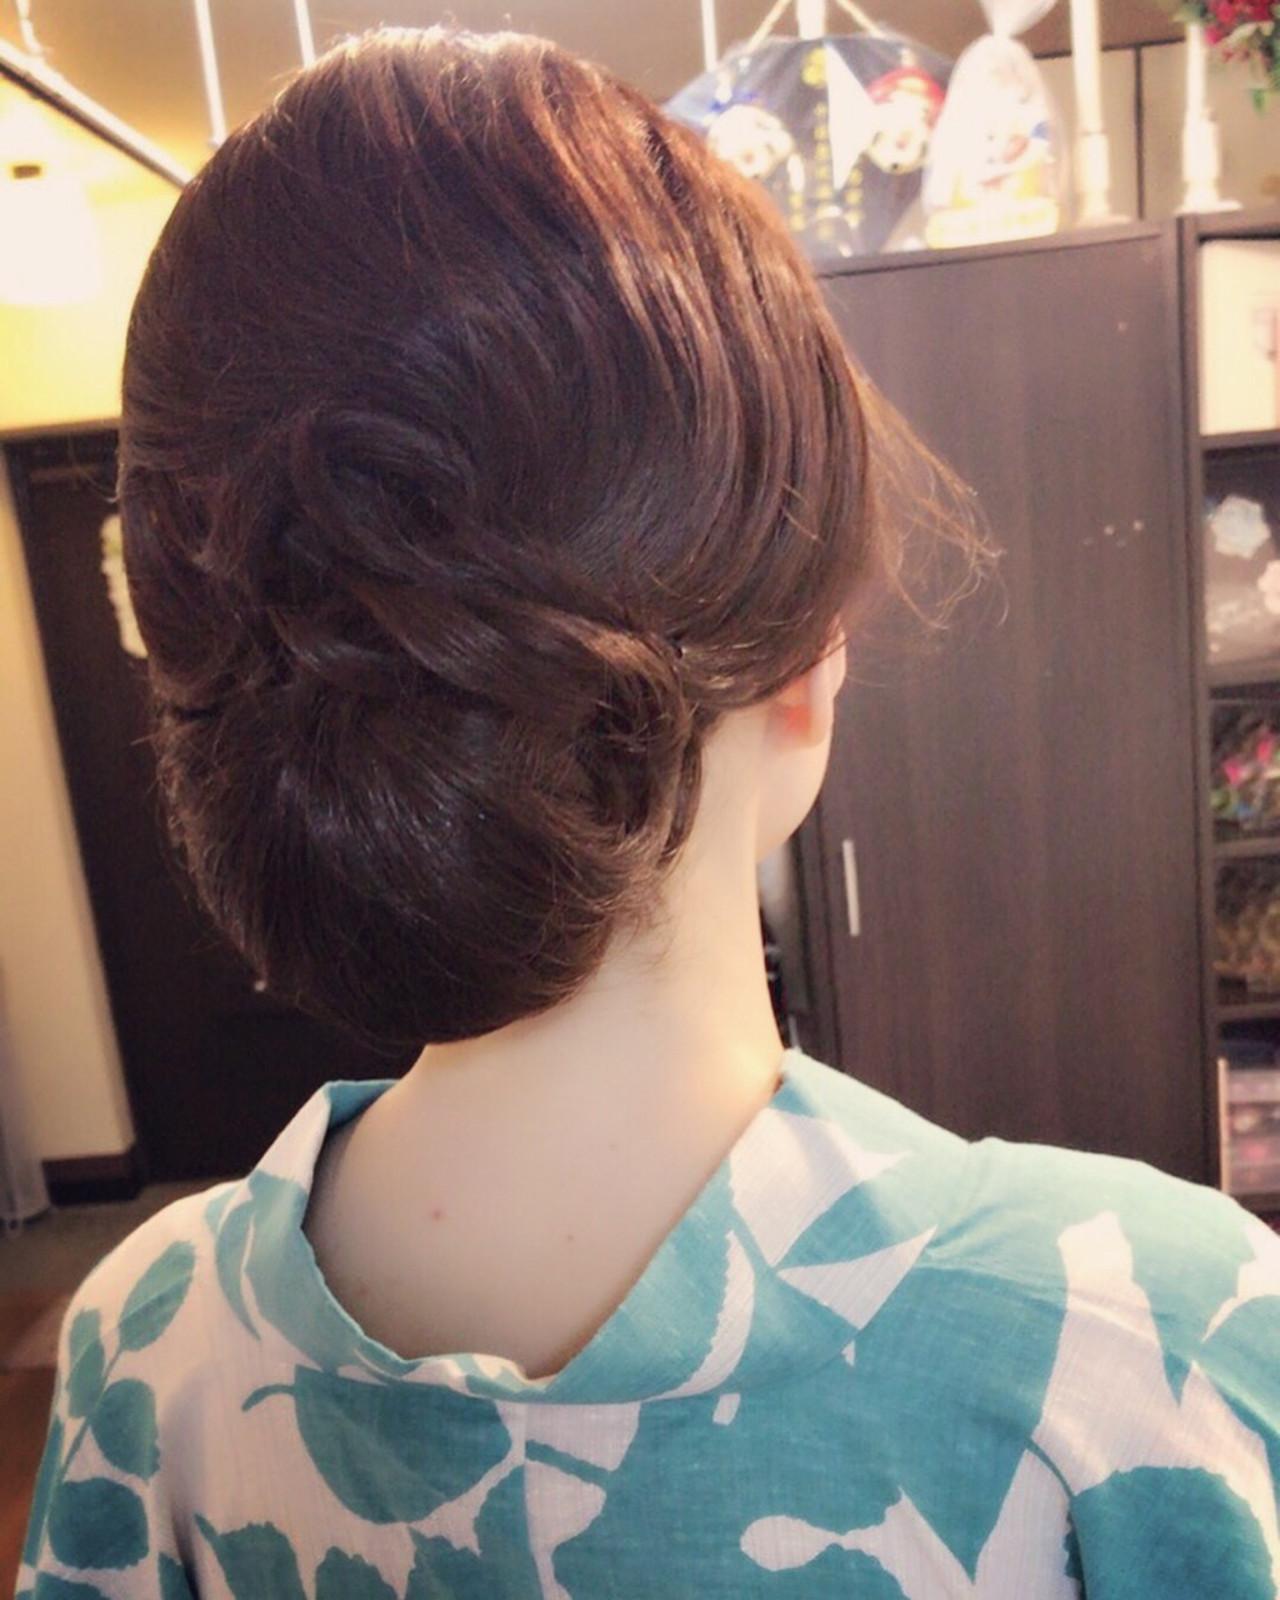 エレガント 夏 デート 上品 ヘアスタイルや髪型の写真・画像 | Moriyama Mami / 福岡天神ヘアセット・着付け専門店【Three-keys】